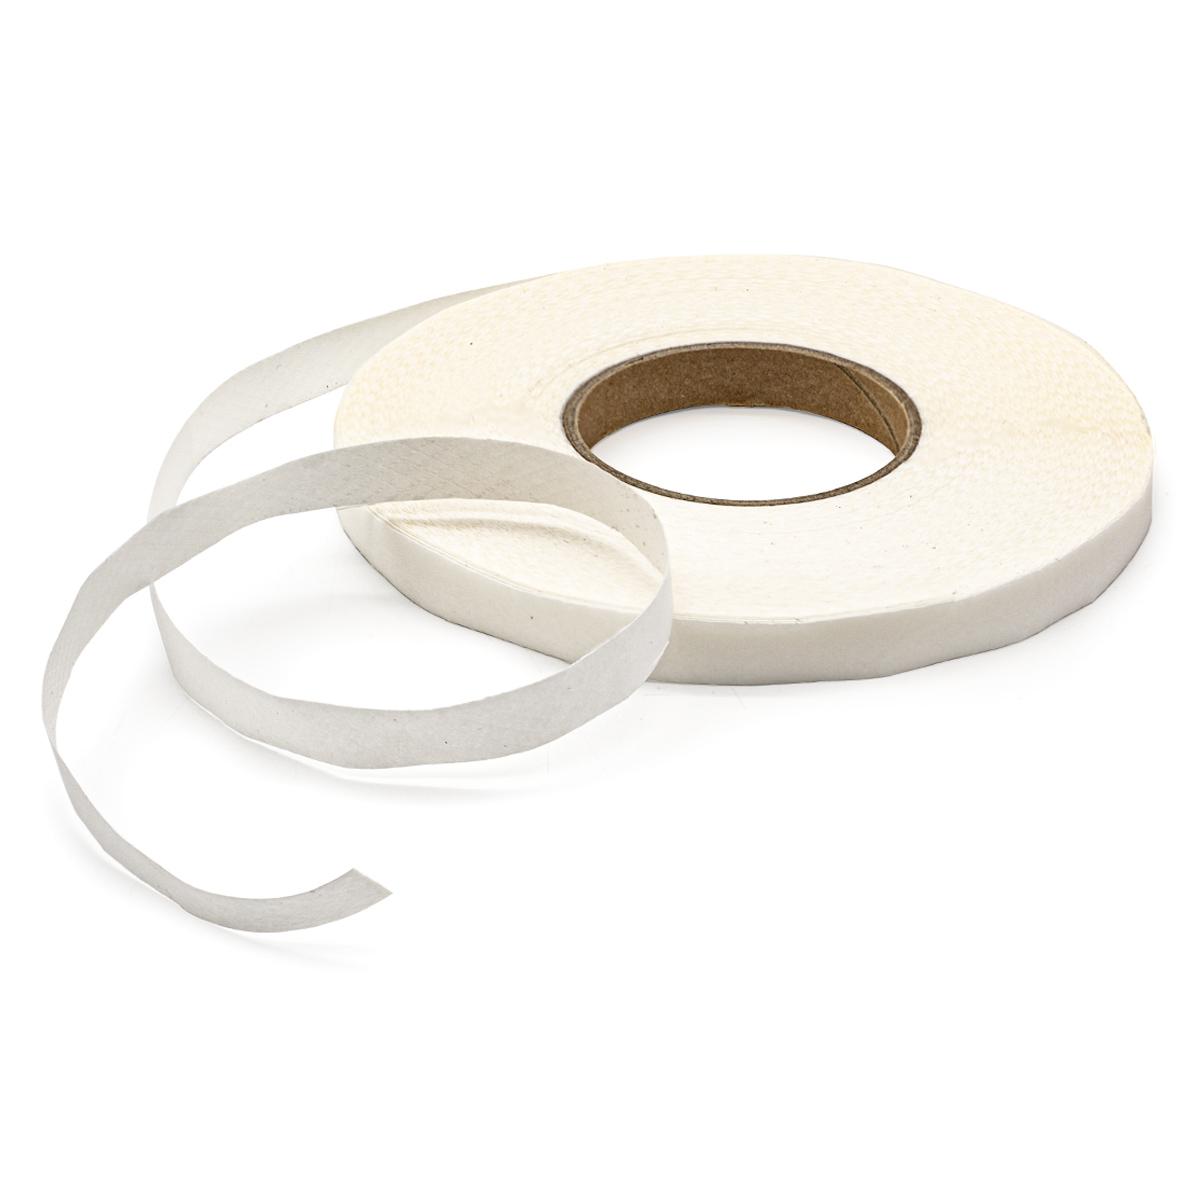 Паутинка на бумаге 10мм*50м 0531-1001, белая